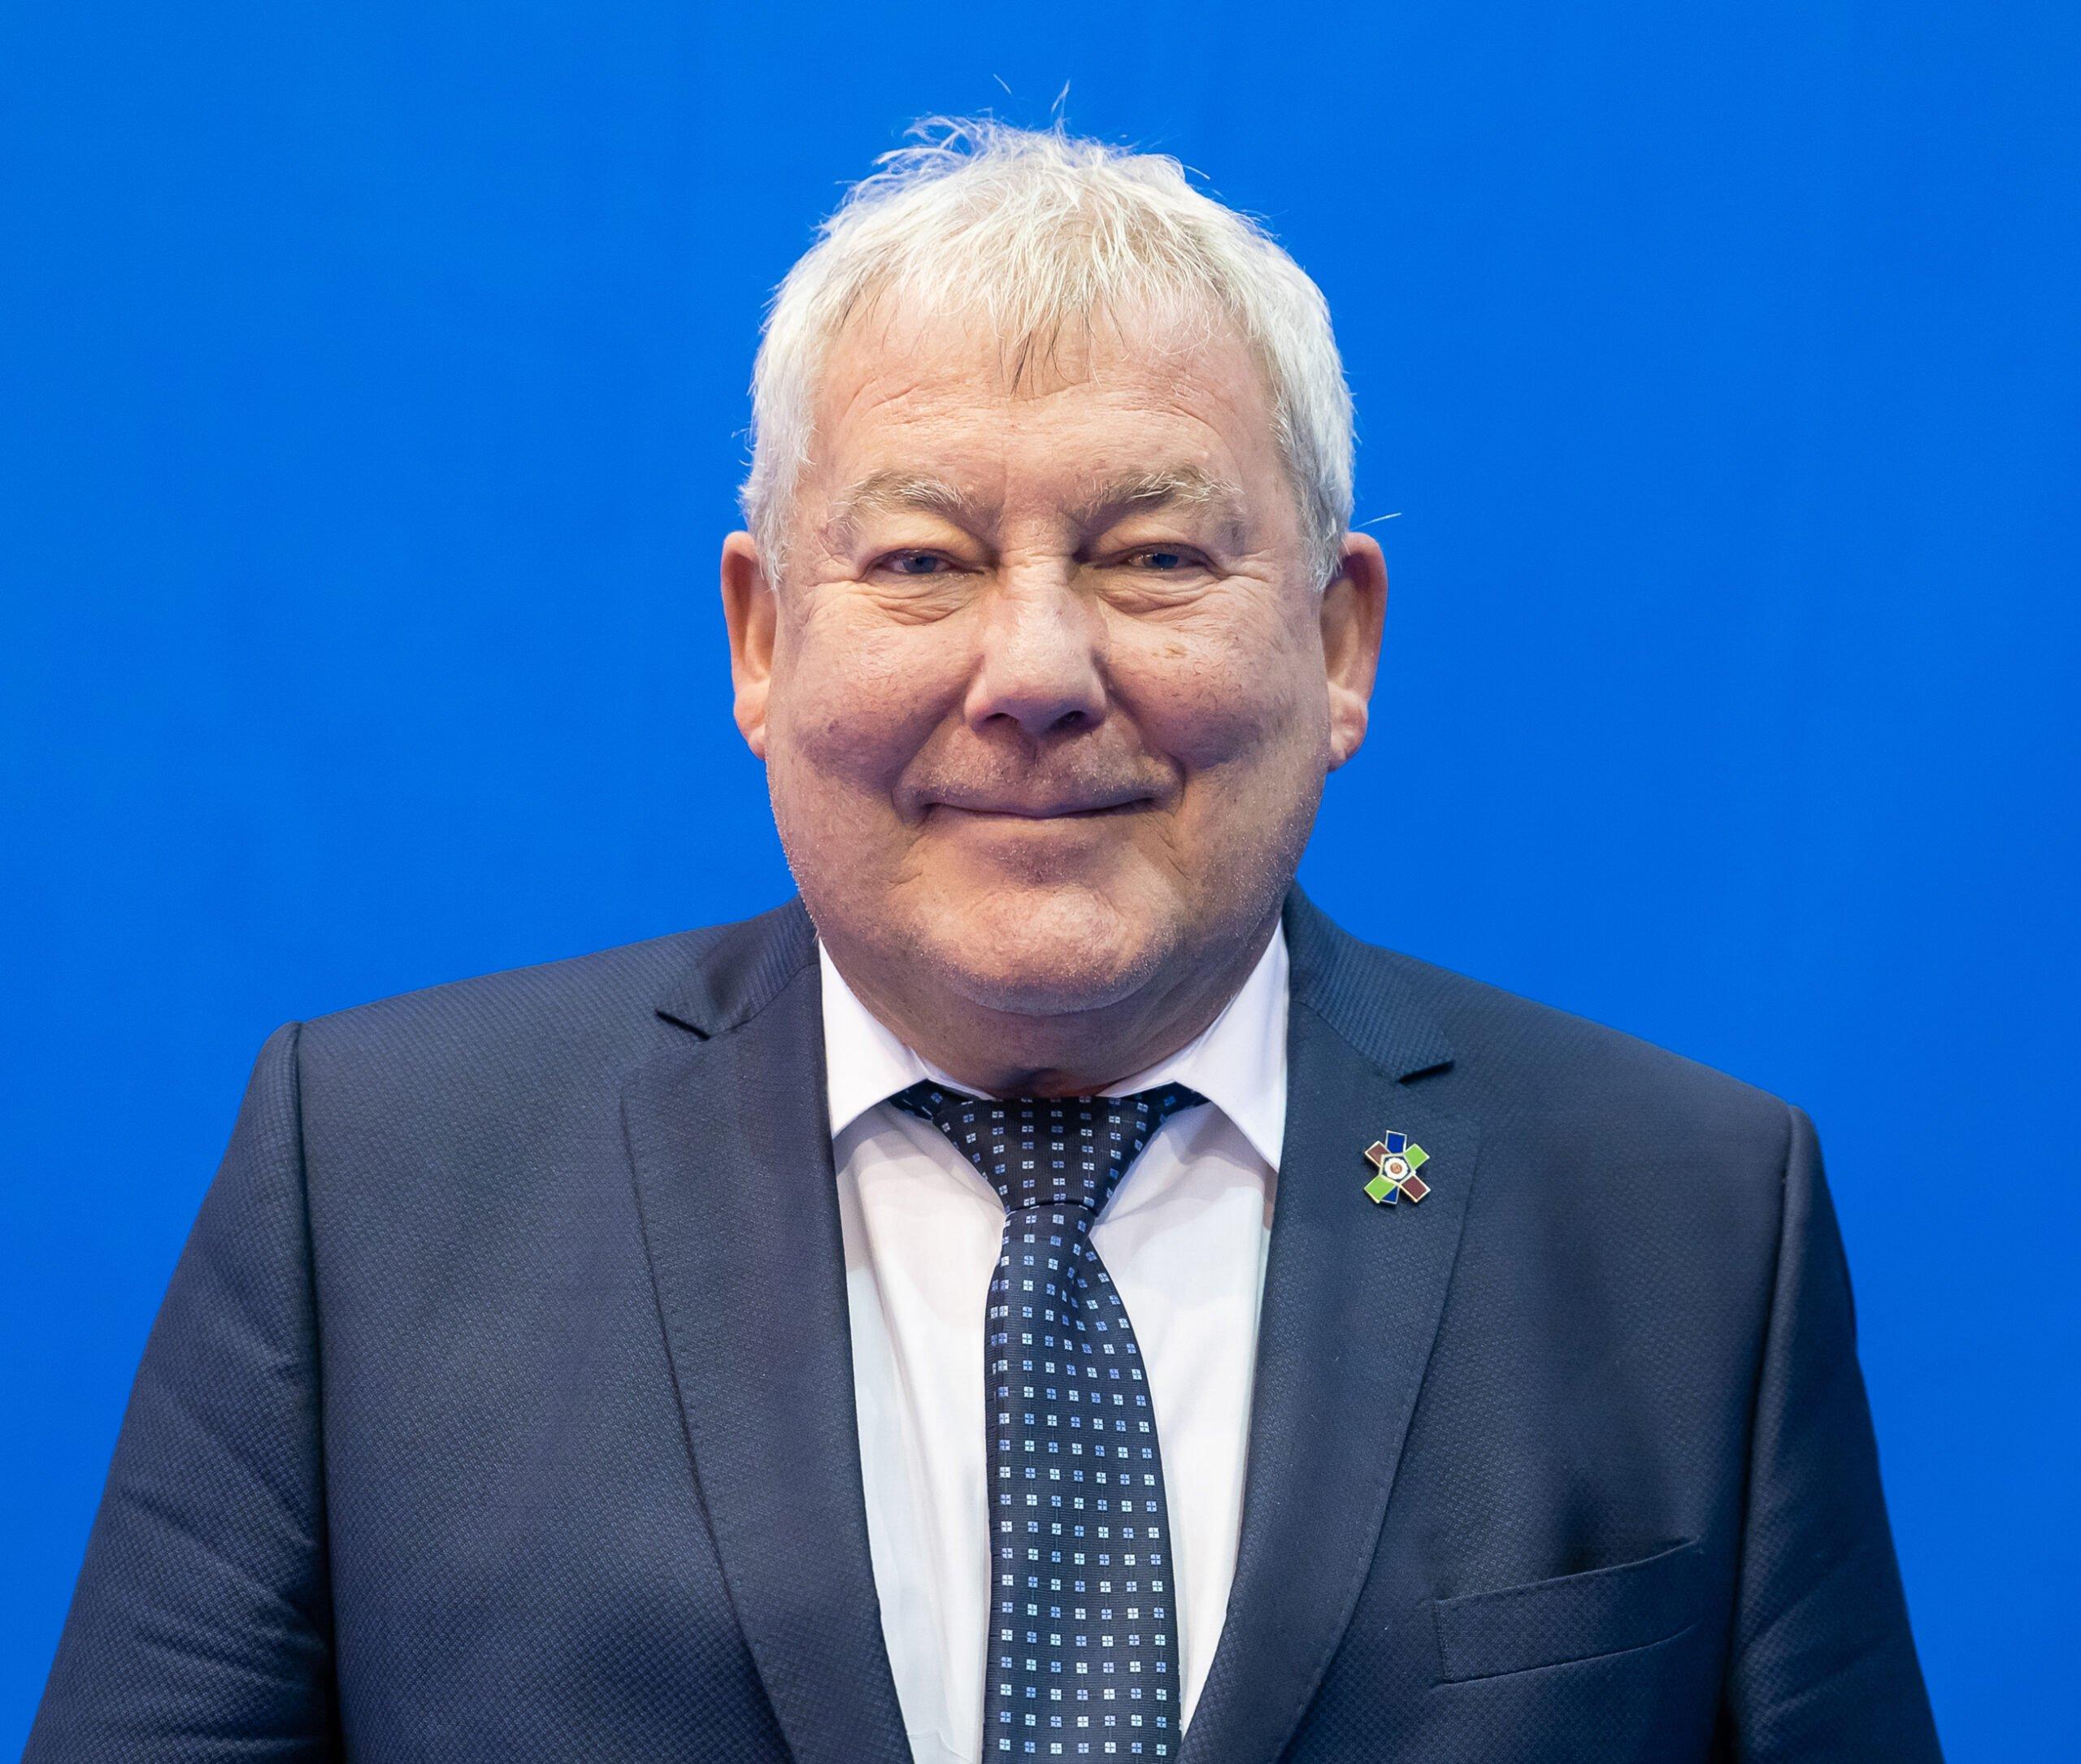 Mr. Albert Gmeiner